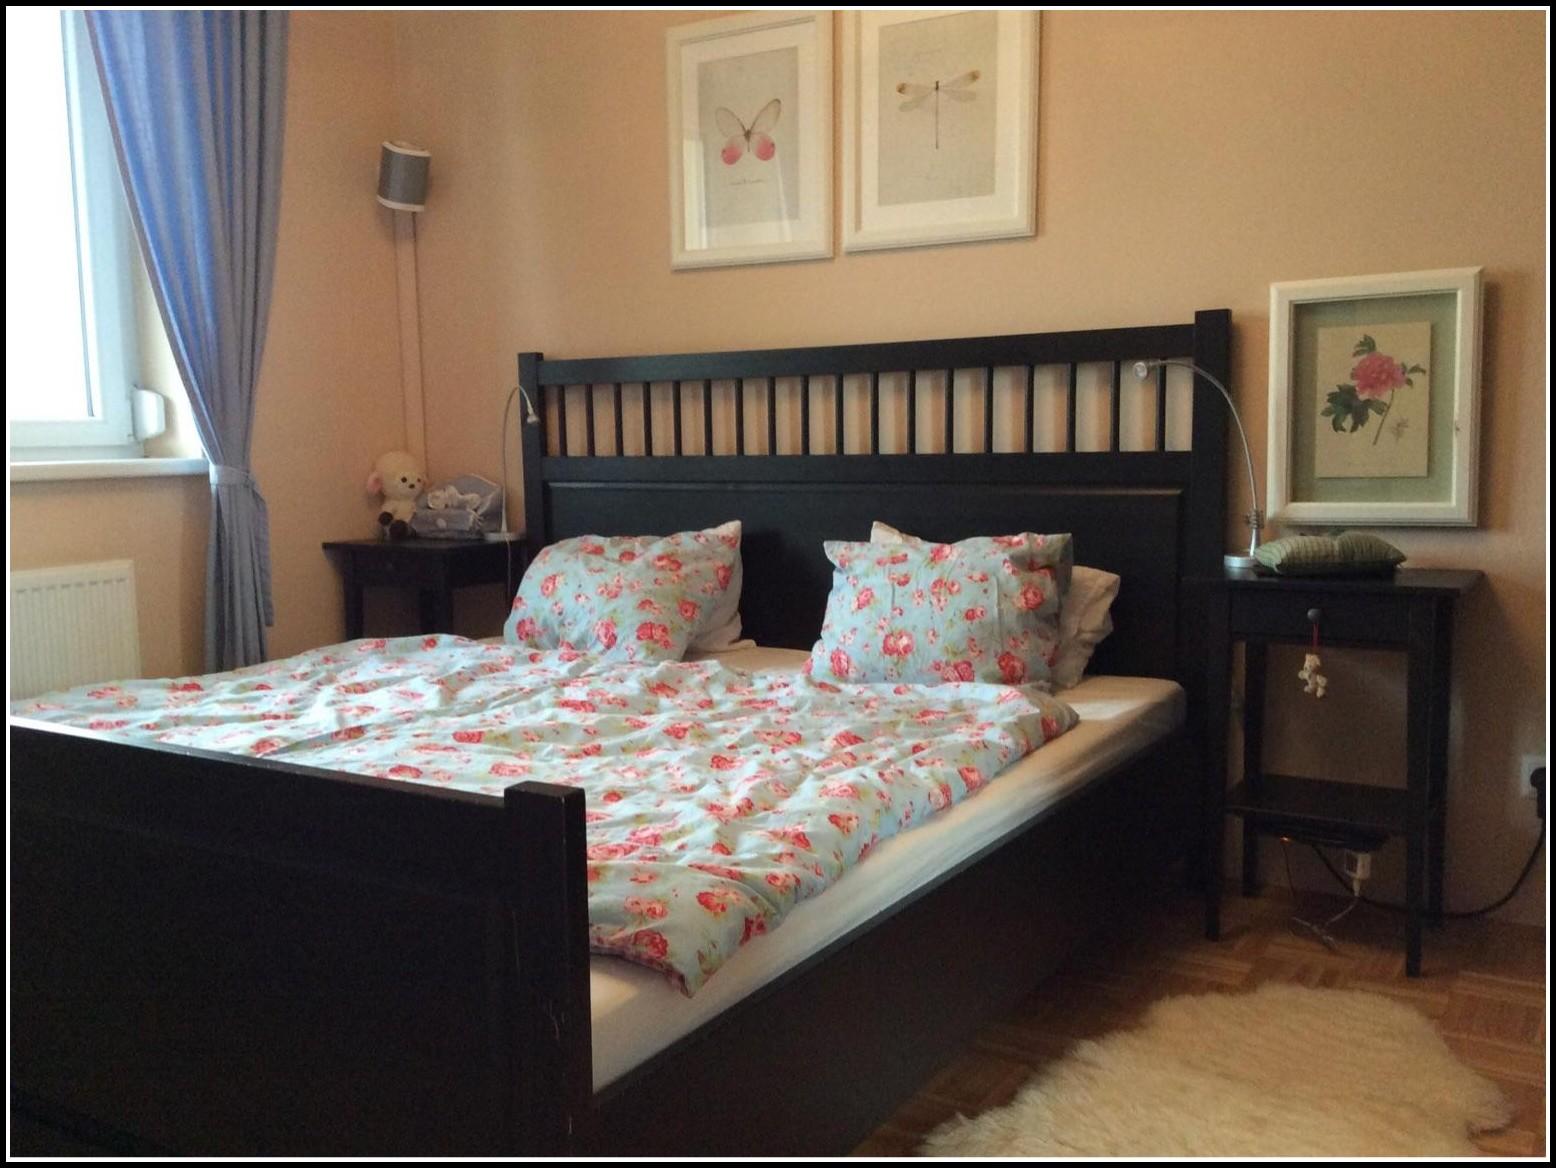 hemnes bett gebraucht o betten house und dekor galerie 96kdgnjrr0. Black Bedroom Furniture Sets. Home Design Ideas